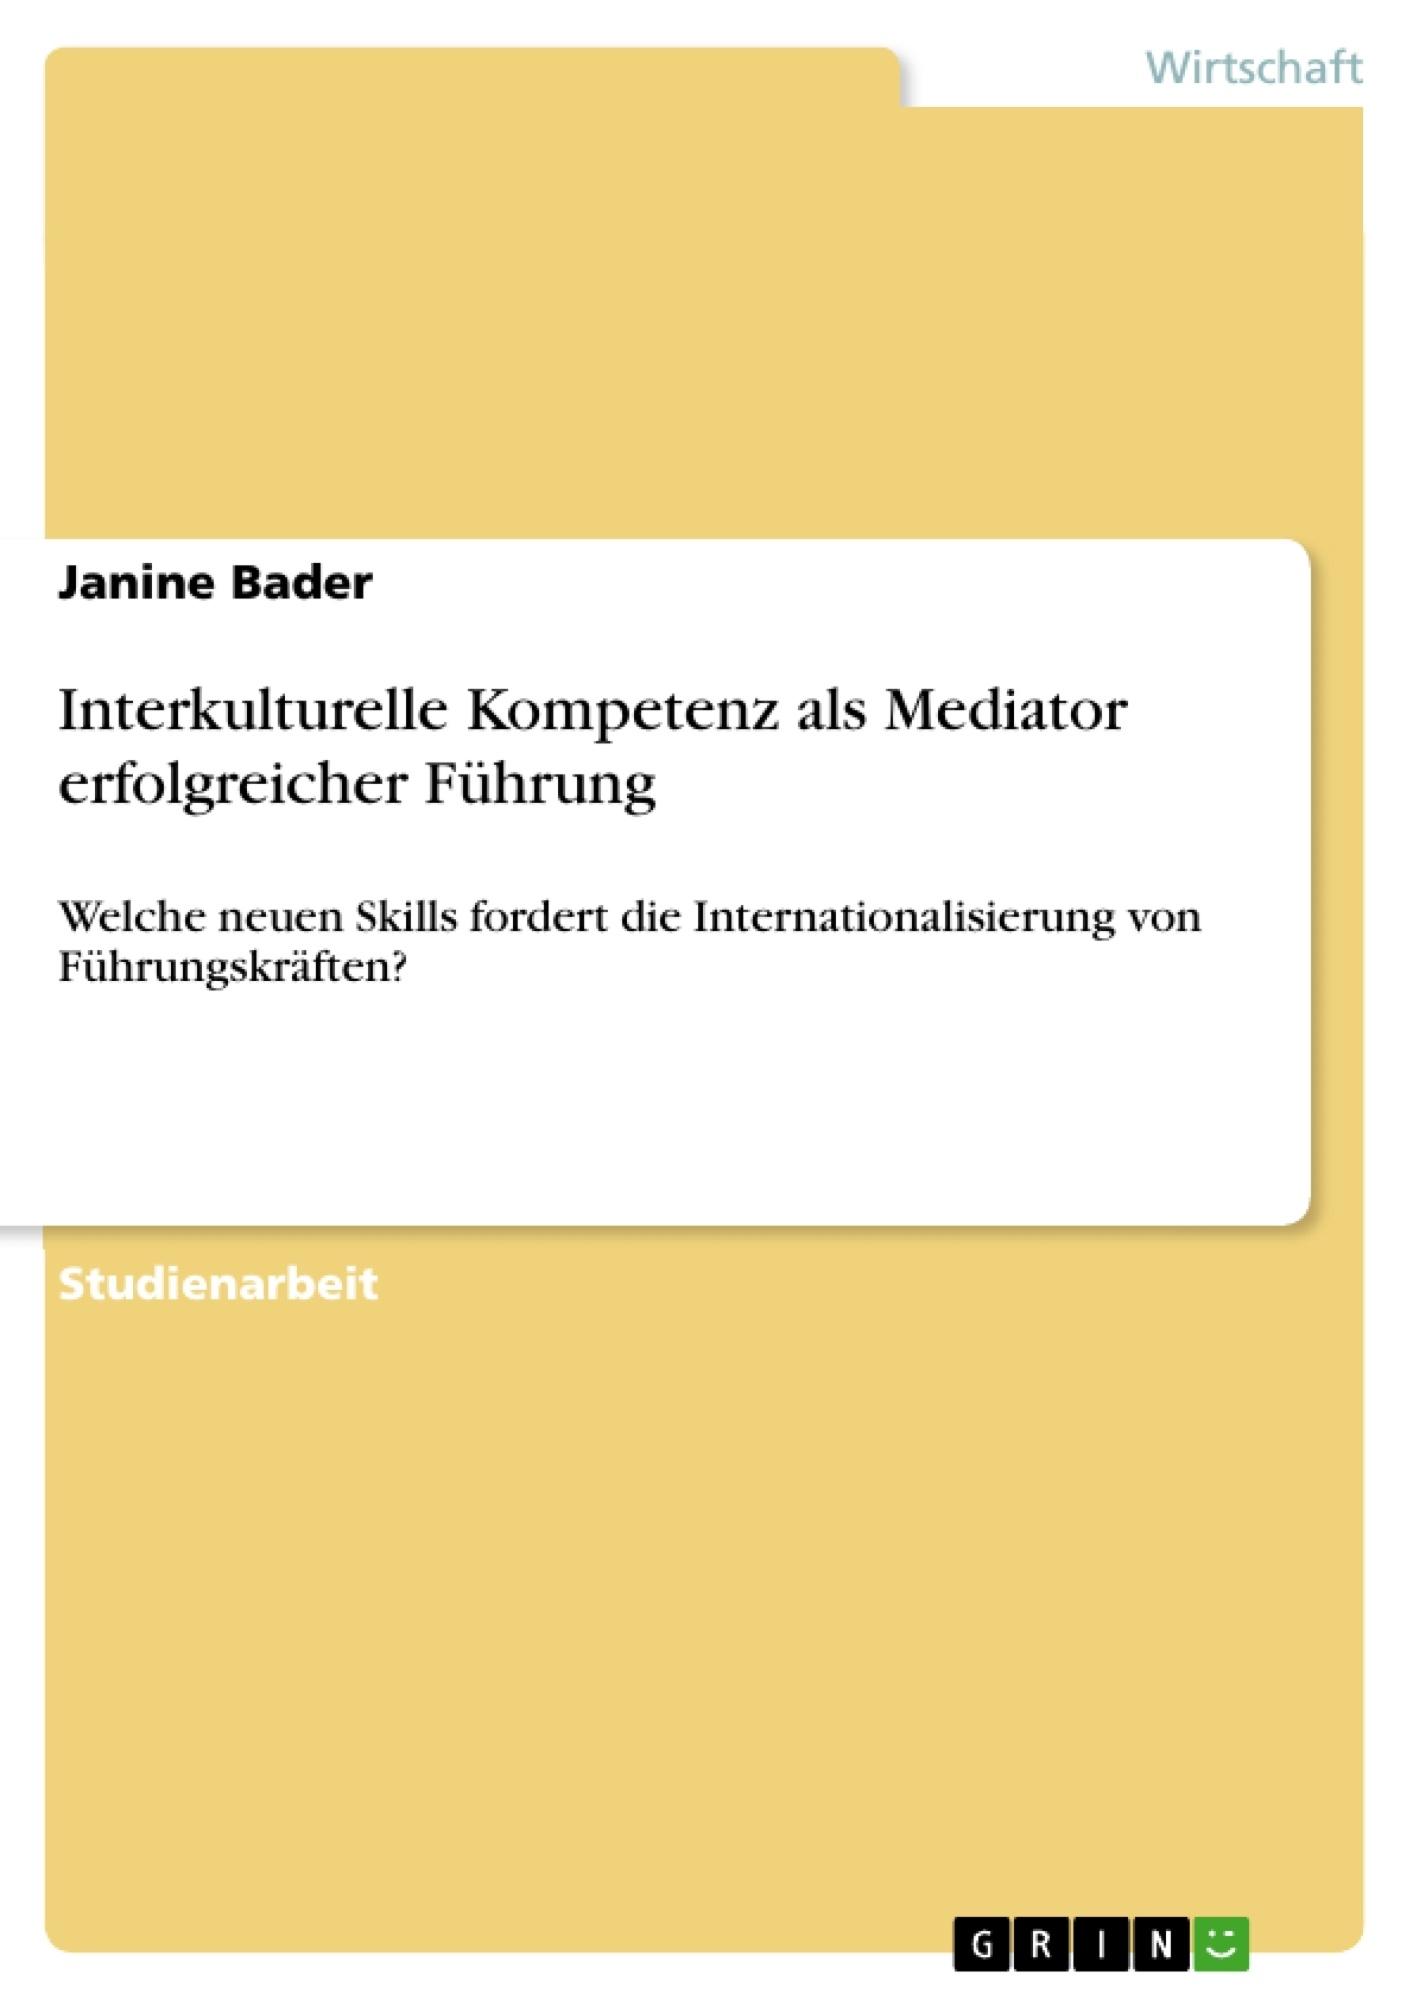 Titel: Interkulturelle Kompetenz als Mediator erfolgreicher Führung